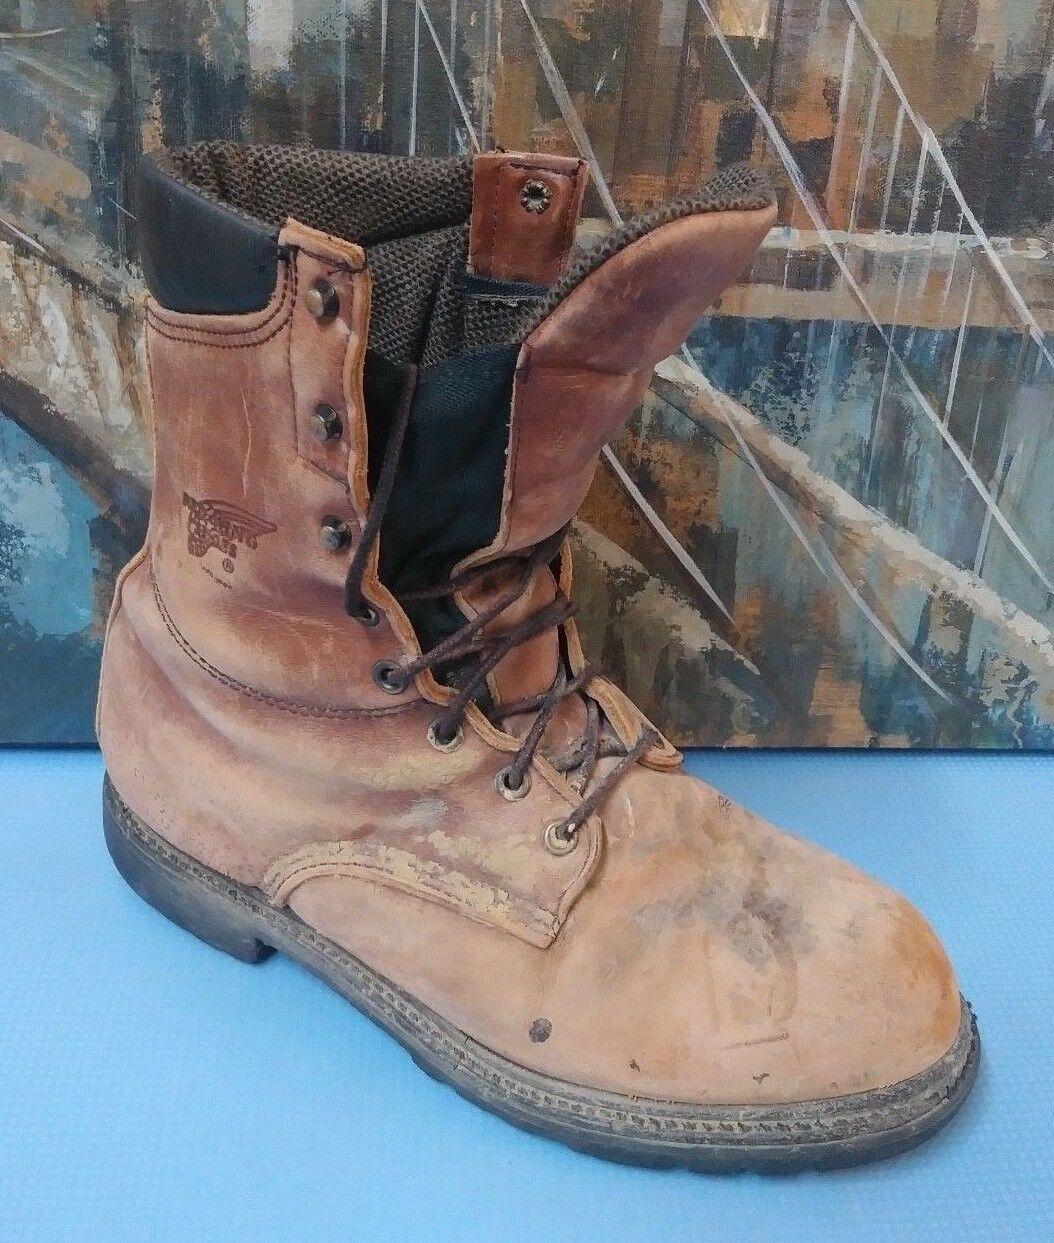 botas de ala roja estilo 05500, tamaño 8 D para hombre marrón envejecido